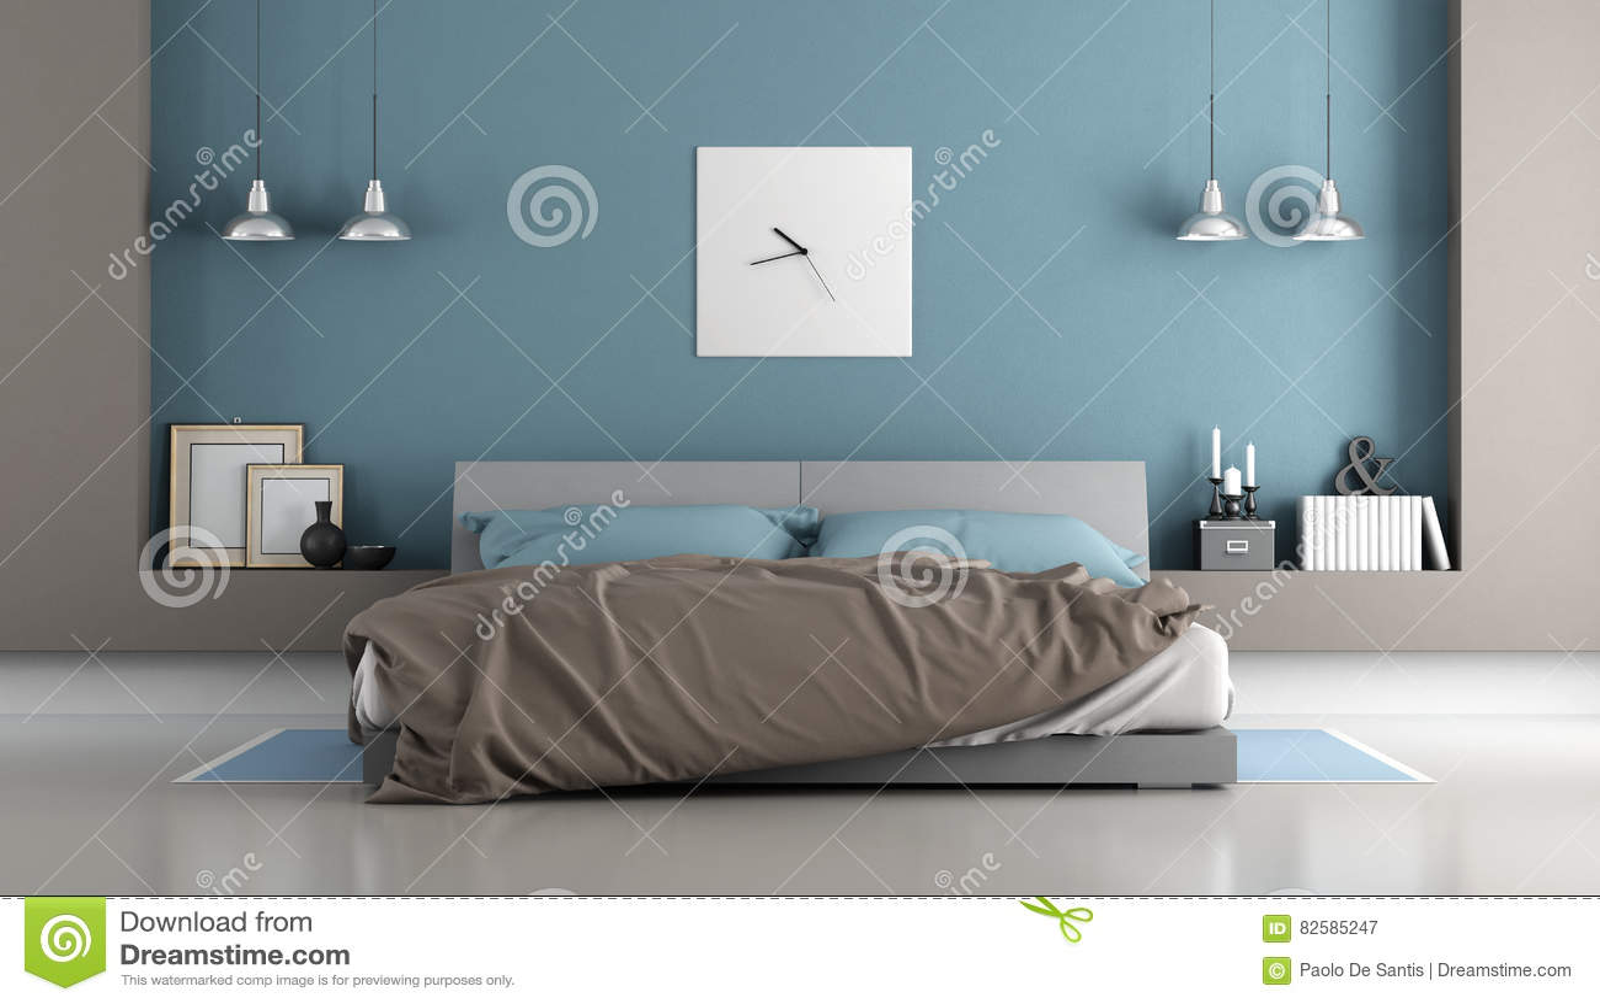 Schlafzimmer ideen braunes bett kreatives haus design - Braunes bett ...